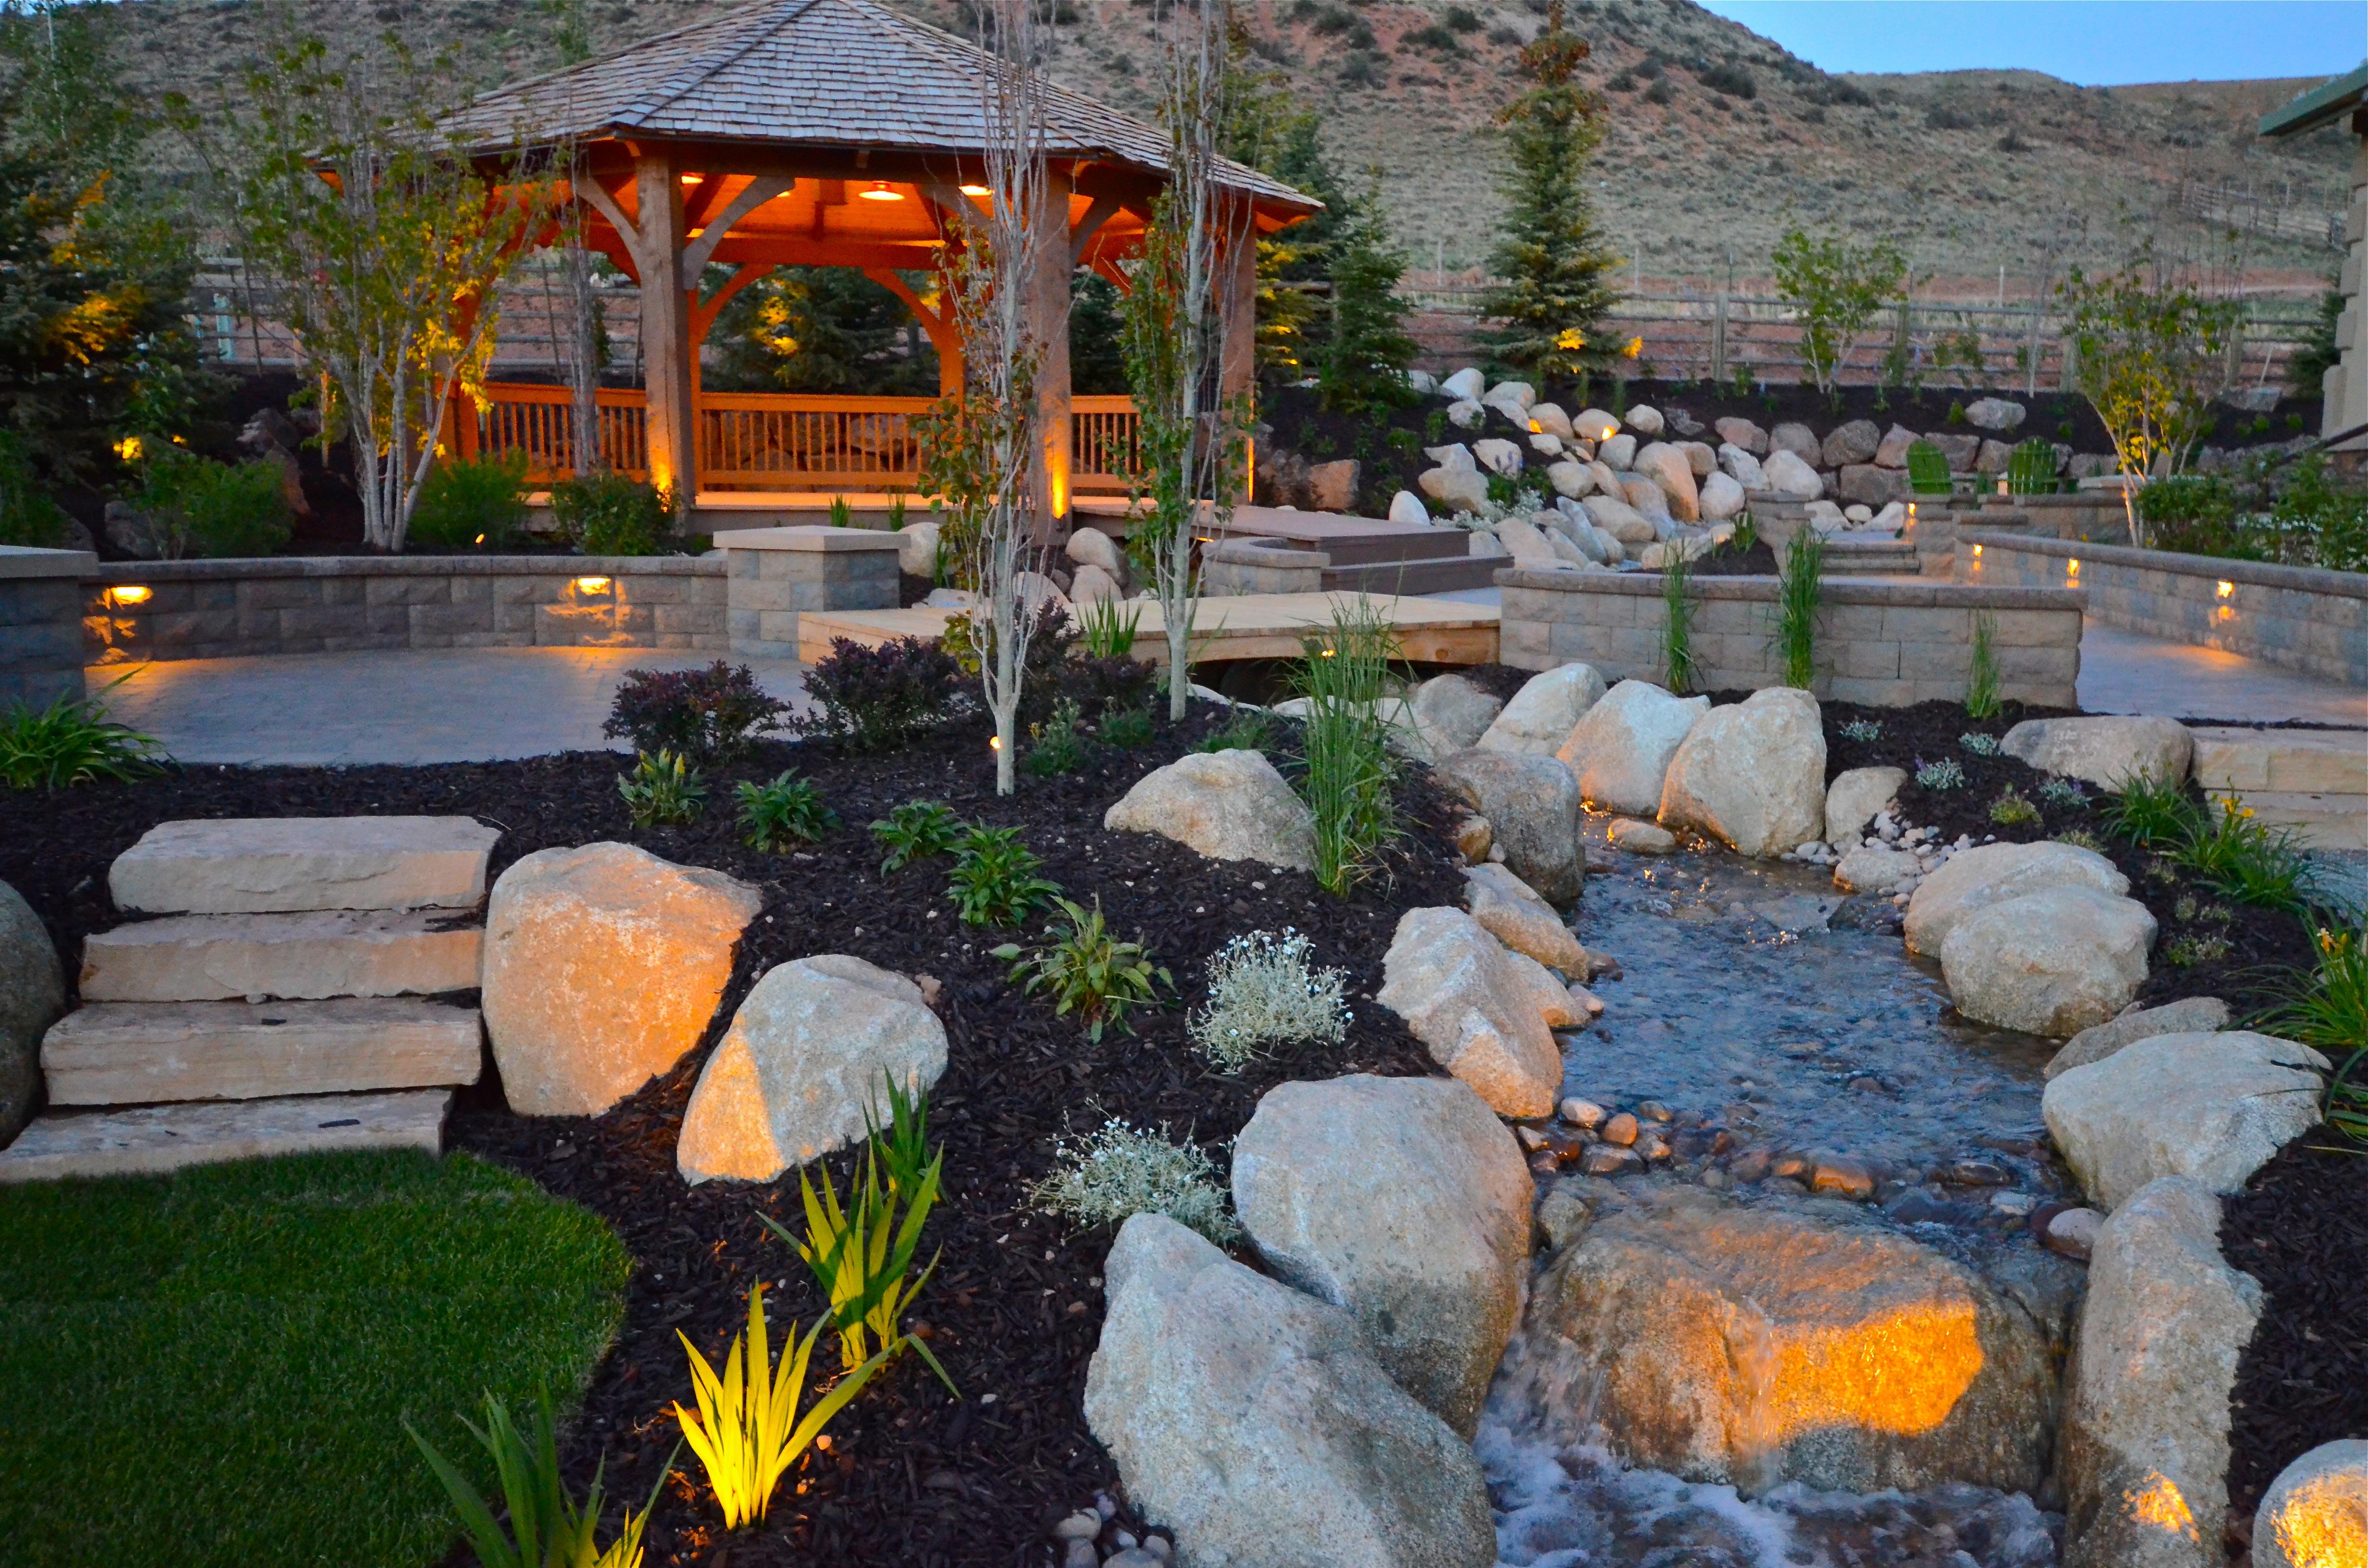 Zelf Tuin Aanleggen : Tuinverlichting zelf aanleggen tuinierservice